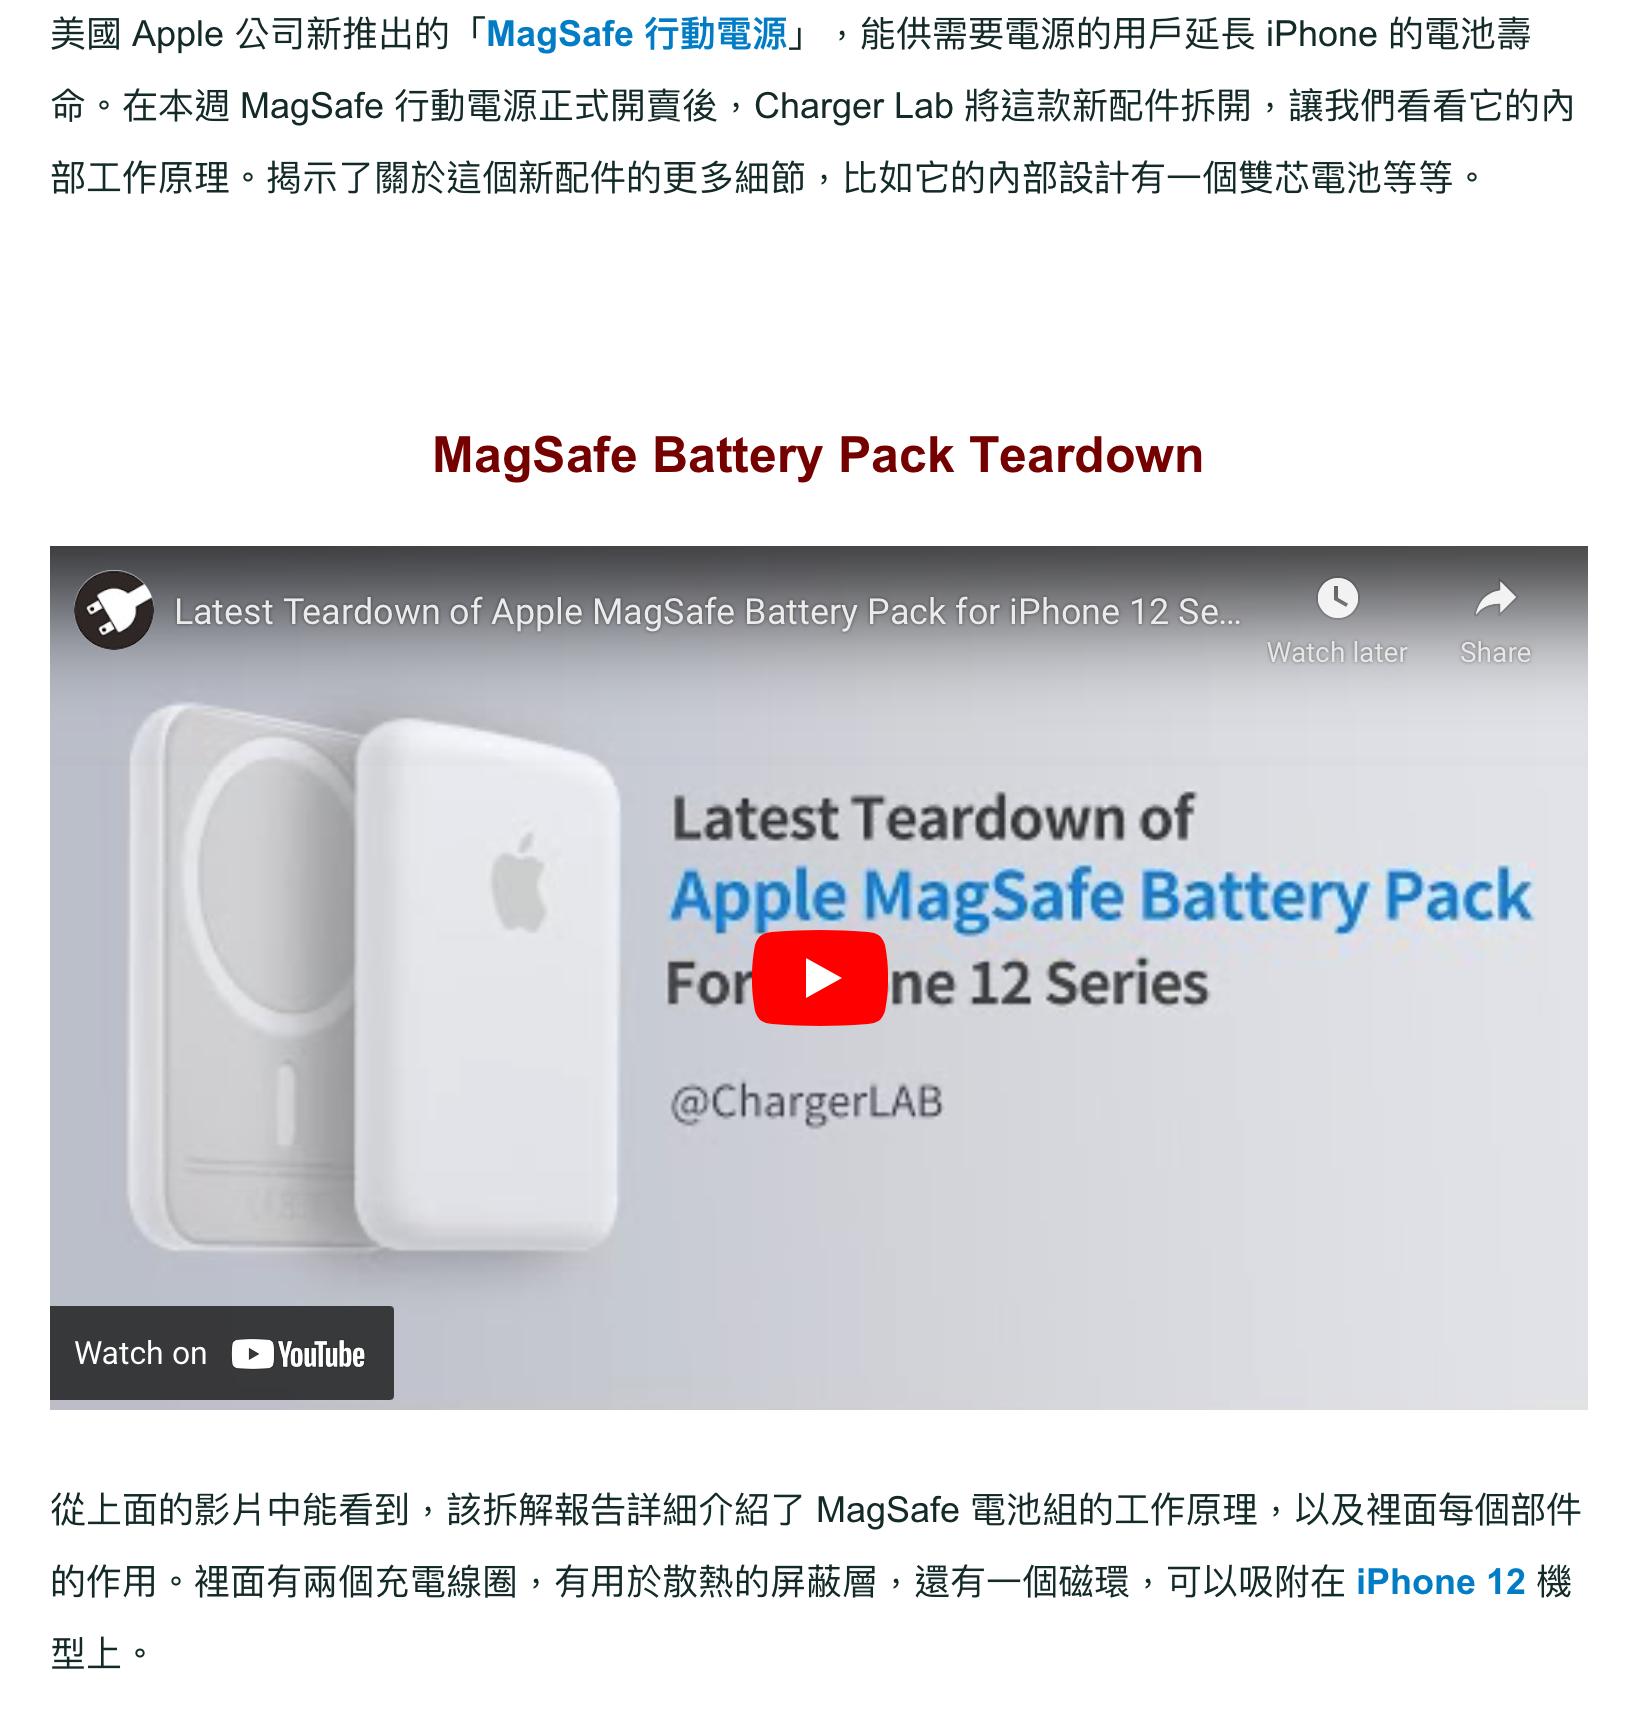 多家海内外媒体报道充电头网首发苹果 MagSafe 外接电池拆解-充电头网